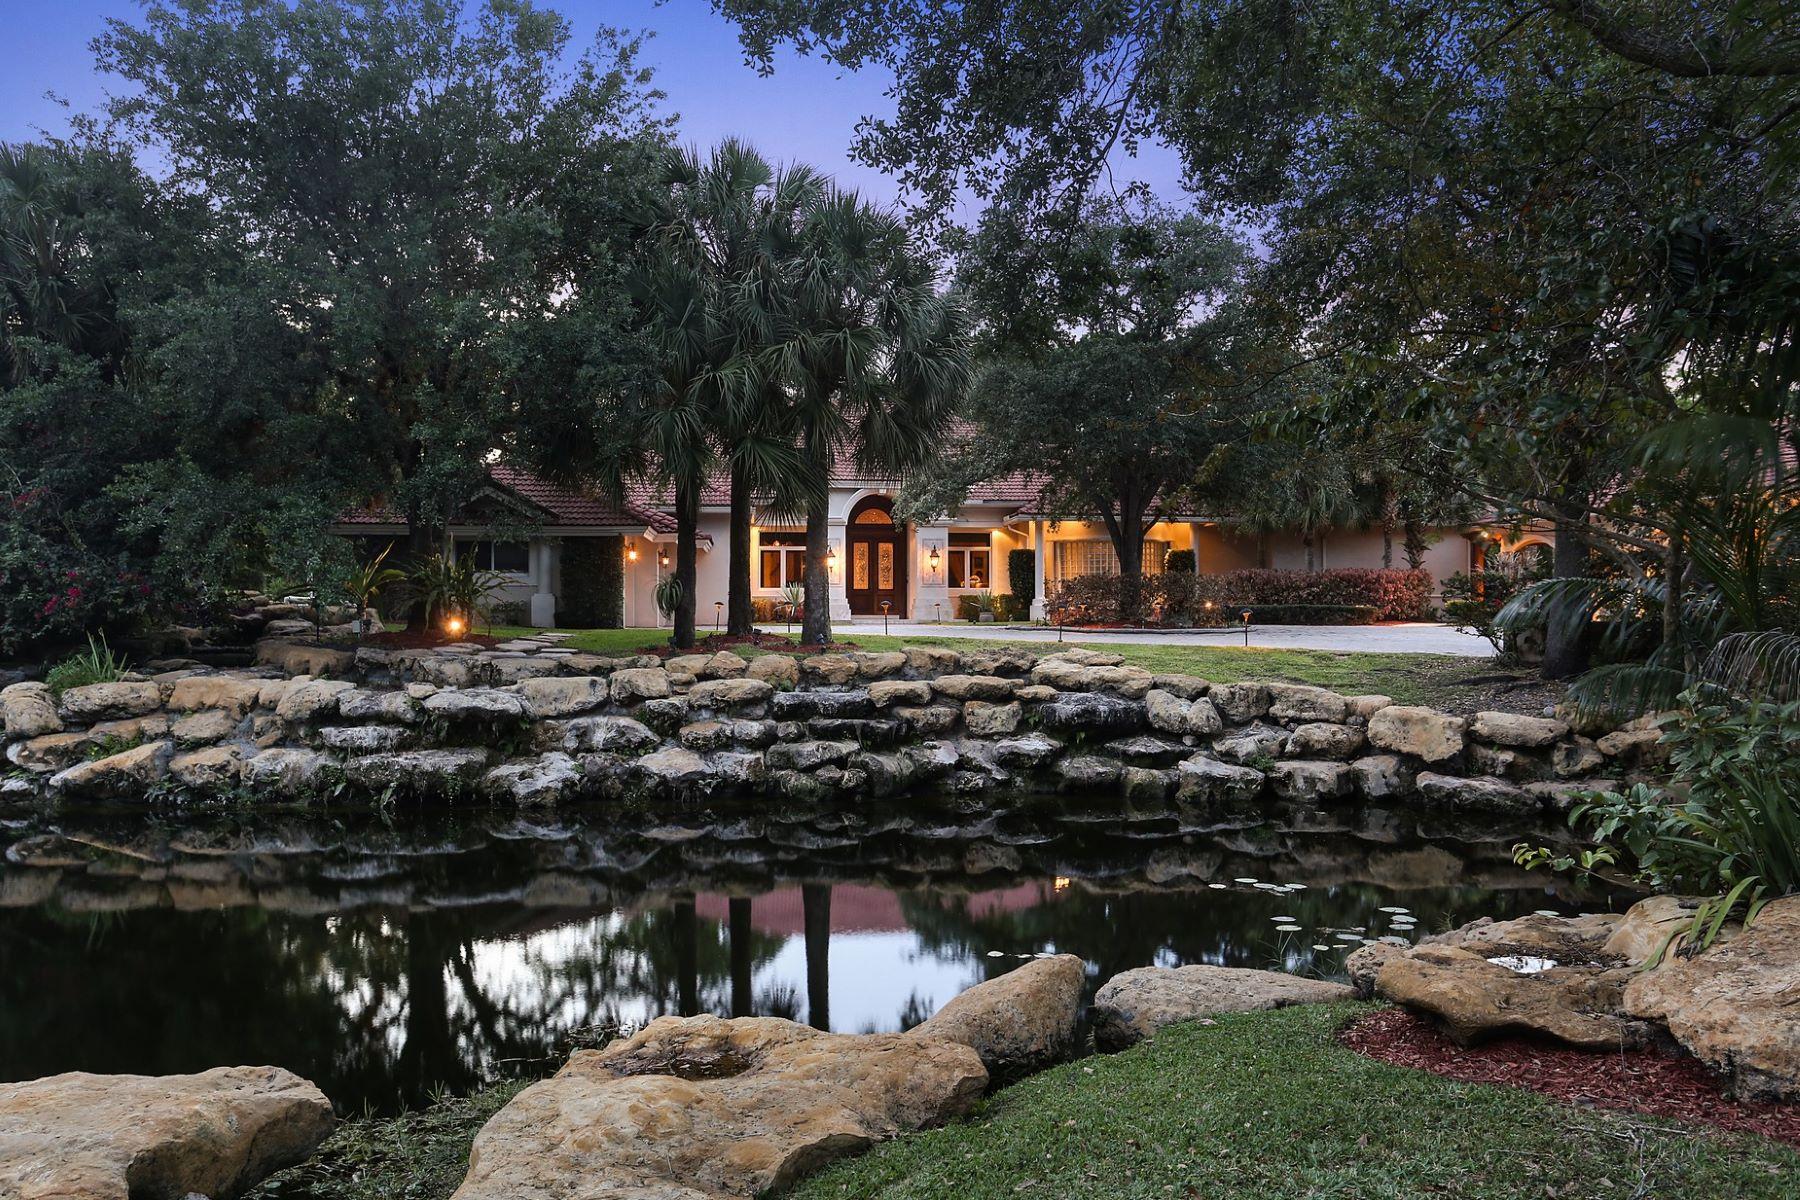 独户住宅 为 销售 在 6401 Rodeo Drive 西南牧场, 佛罗里达州, 33330 美国